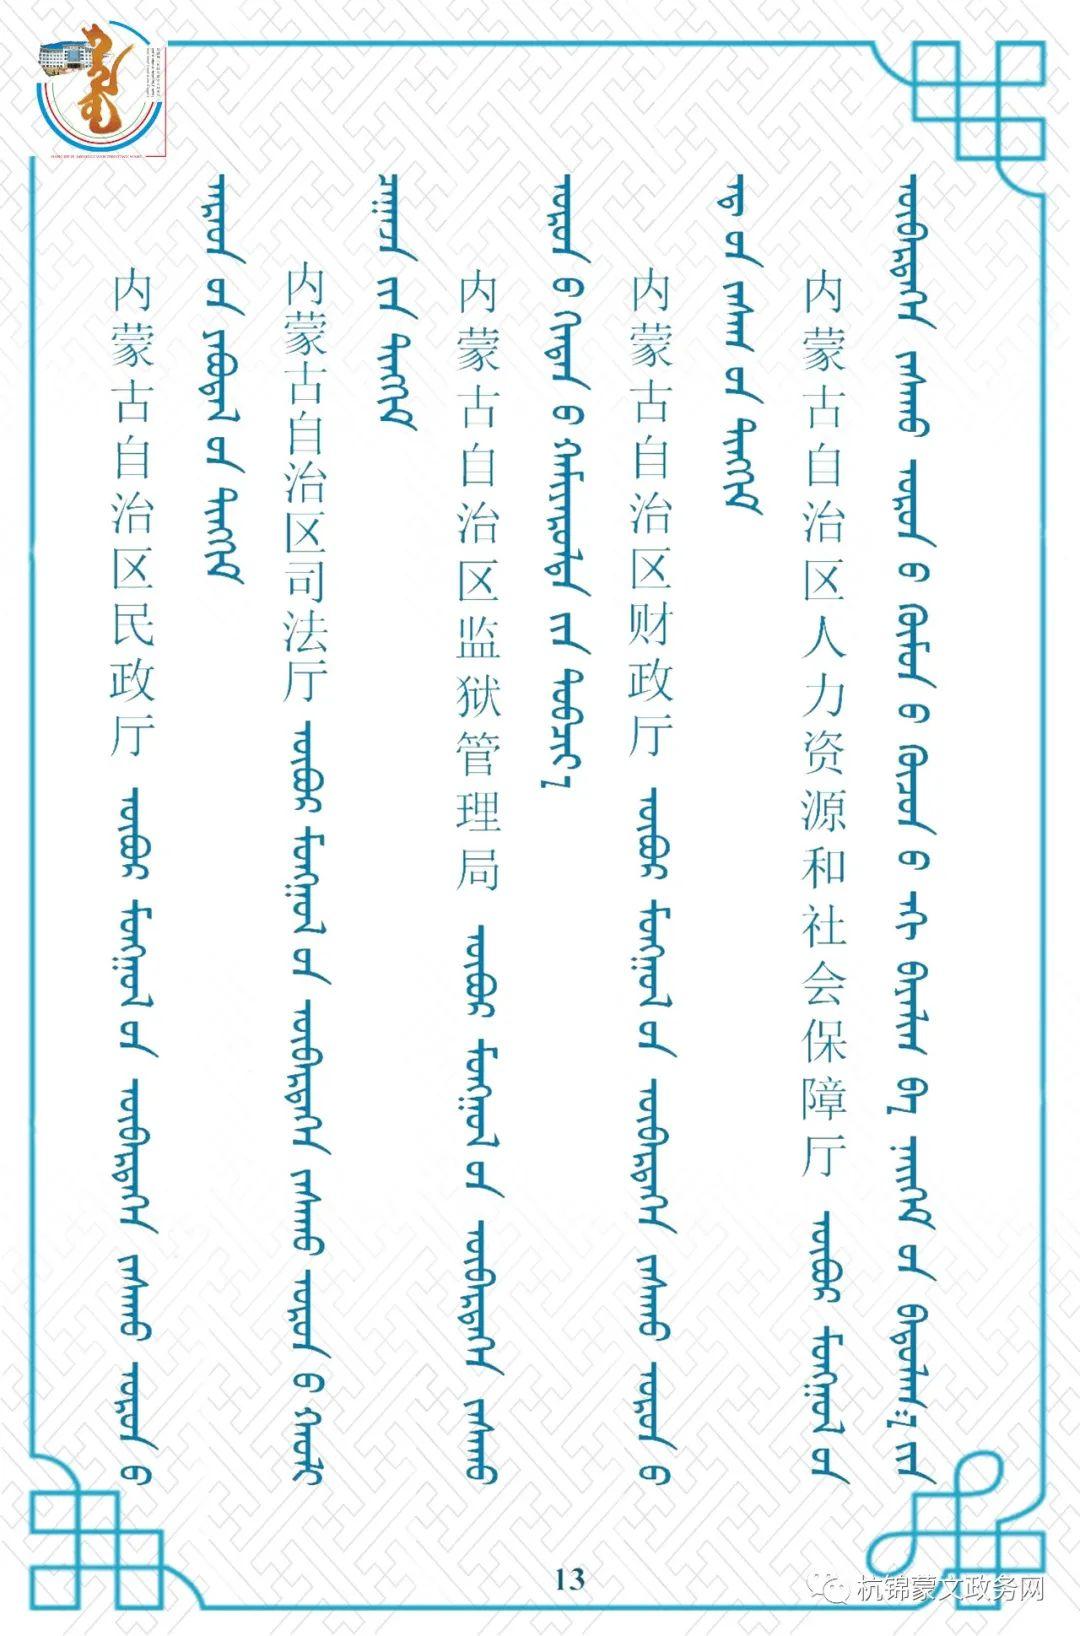 内蒙古自治区委员会机构设置蒙汉对照 第13张 内蒙古自治区委员会机构设置蒙汉对照 蒙古文库